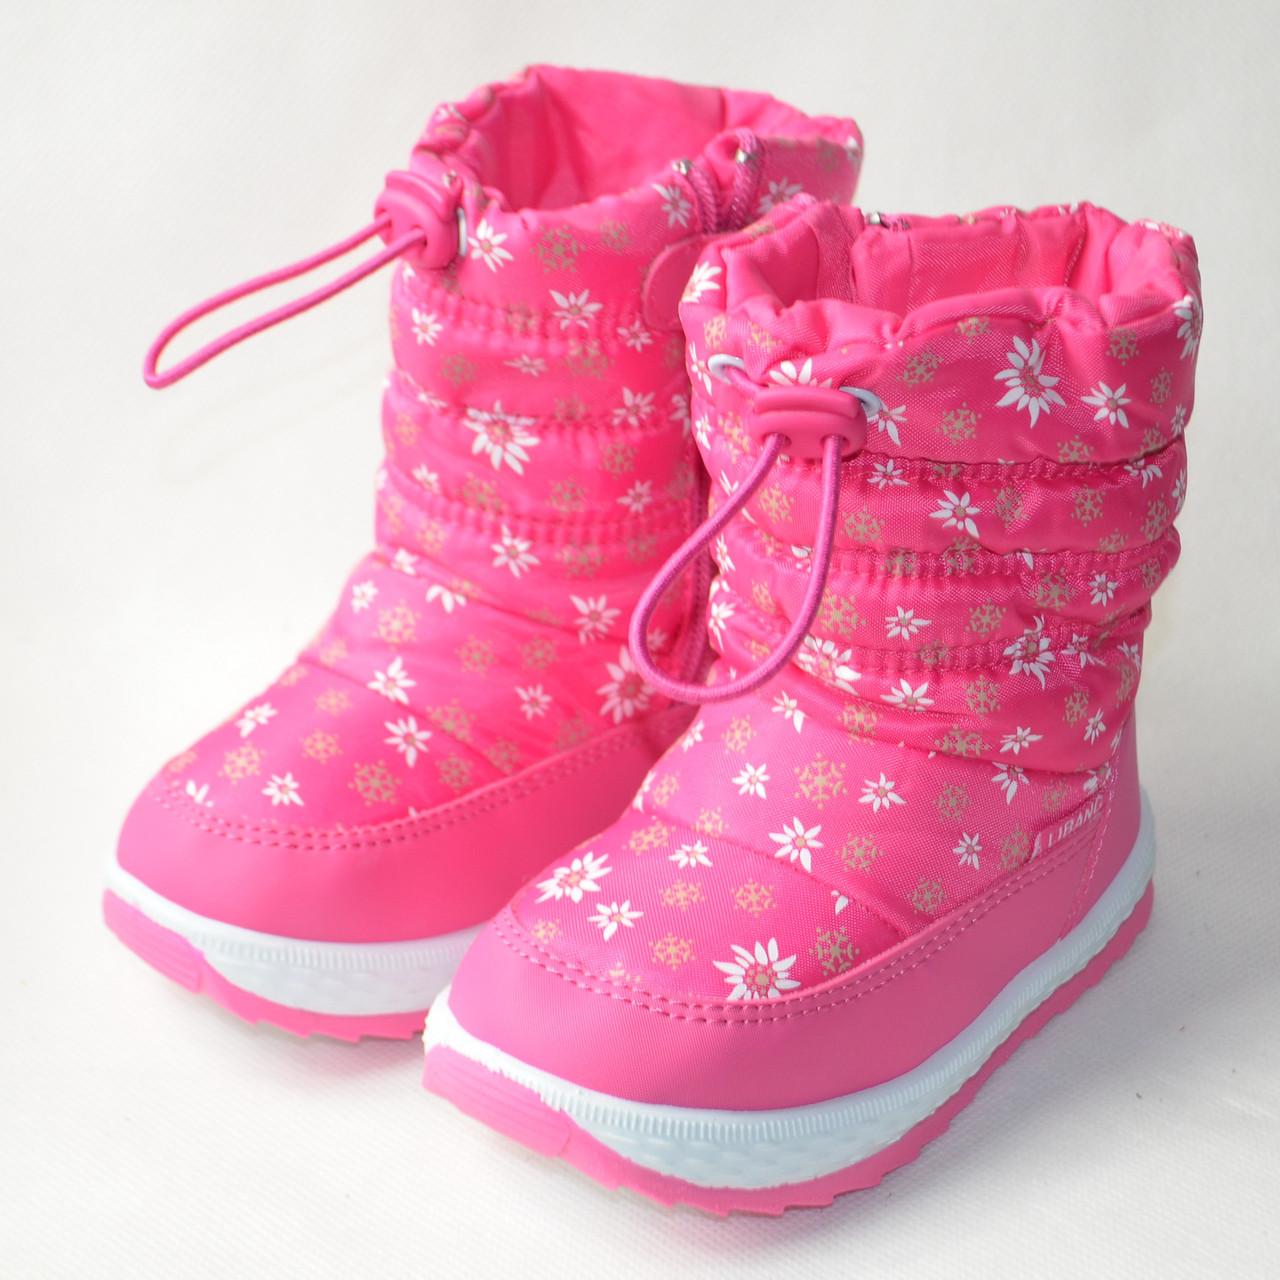 Детские зимние дутики теплые на зиму для девочки сапоги розовые ромашка 23р 14.5см